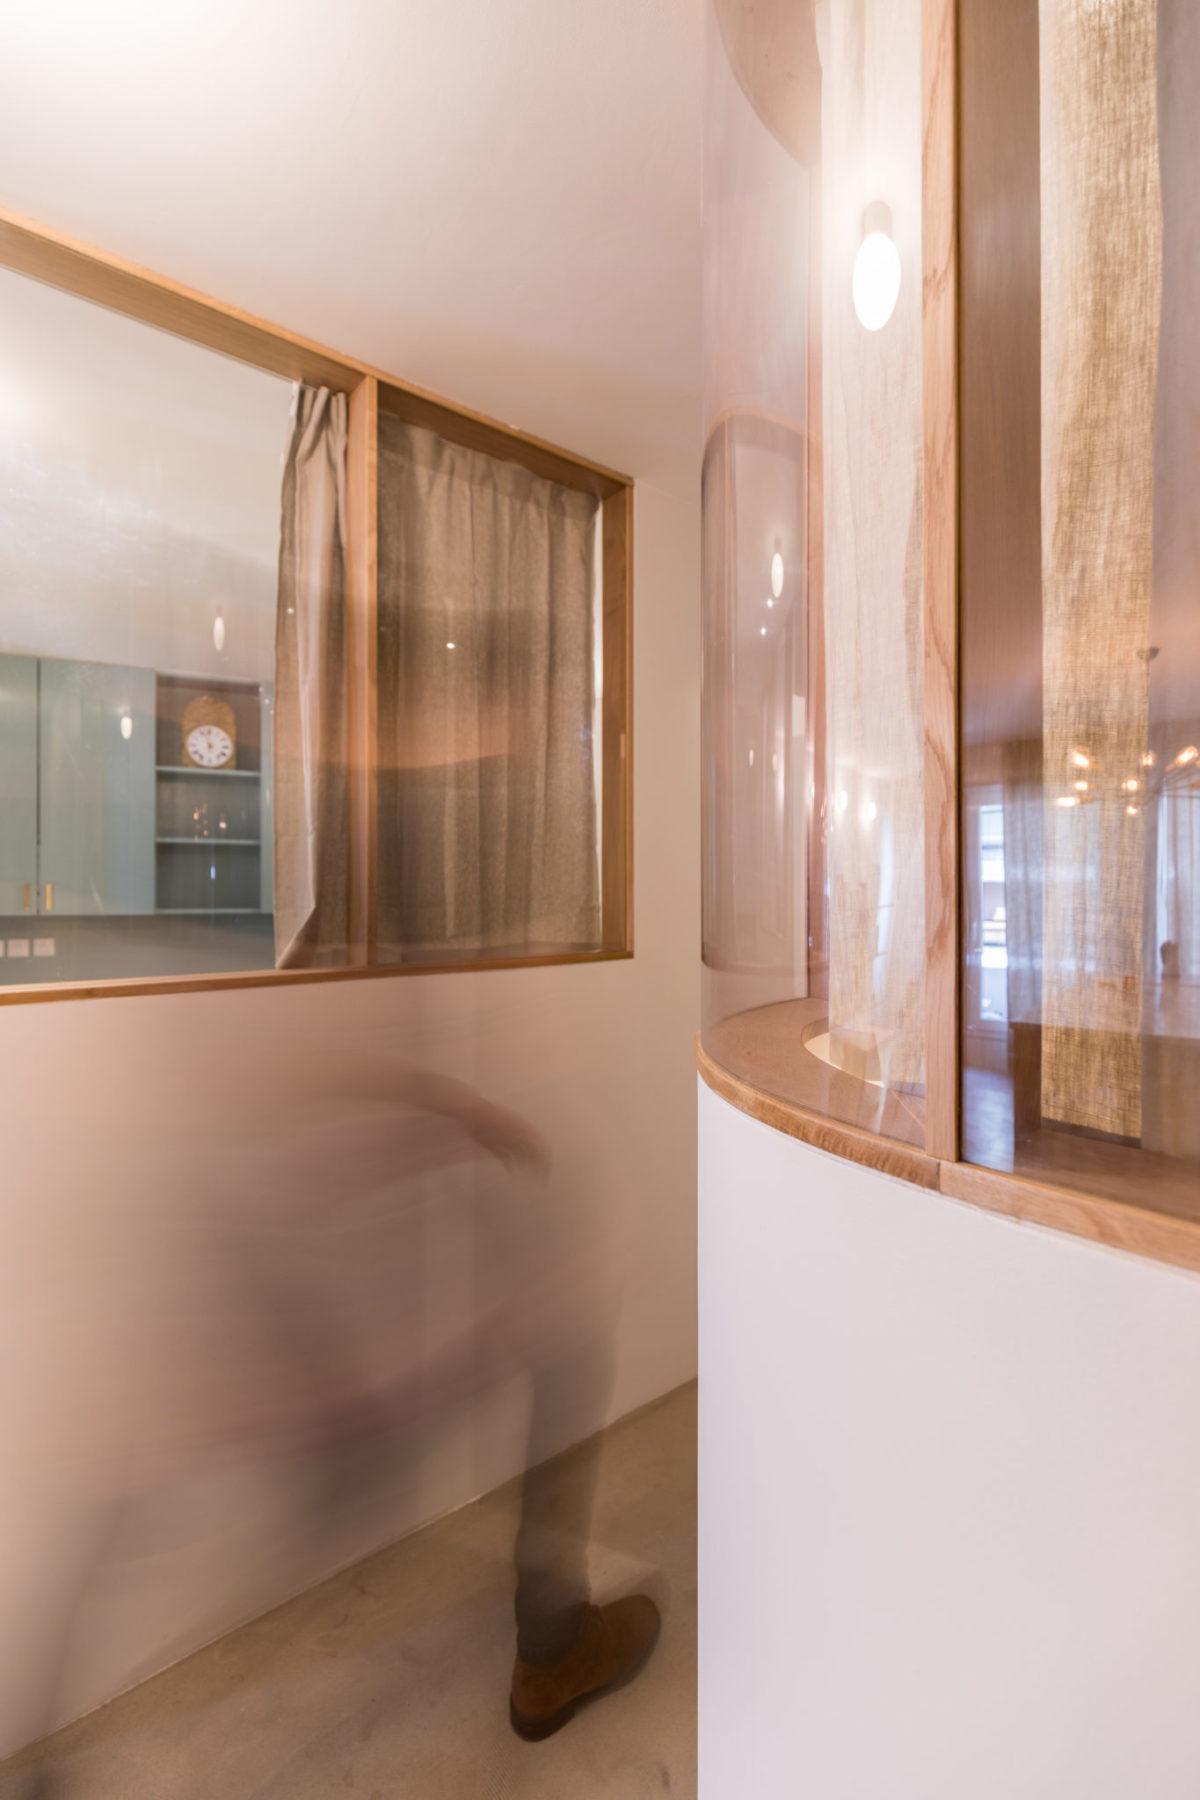 Cloison intérieure en verre bombé avec châssis en chêne. Inspiré par Alvaar Aalto